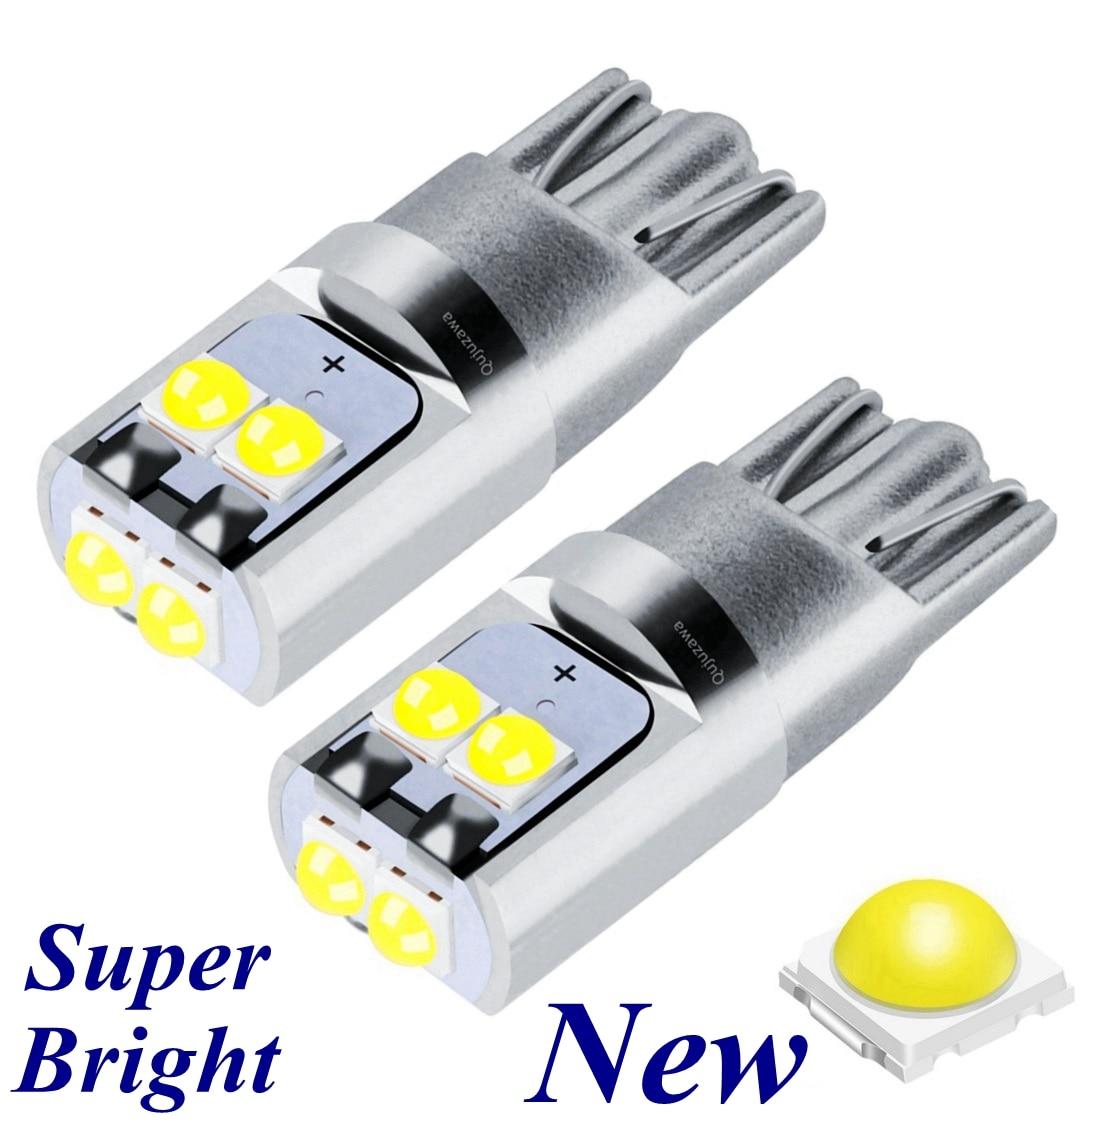 2 uds nuevo T10 W5W súper brillante Cree Chip LED cuña aparcamiento bombillas coche lámparas de lectura de cúpula WY5W 168 501 2825 Auto girar luces laterales